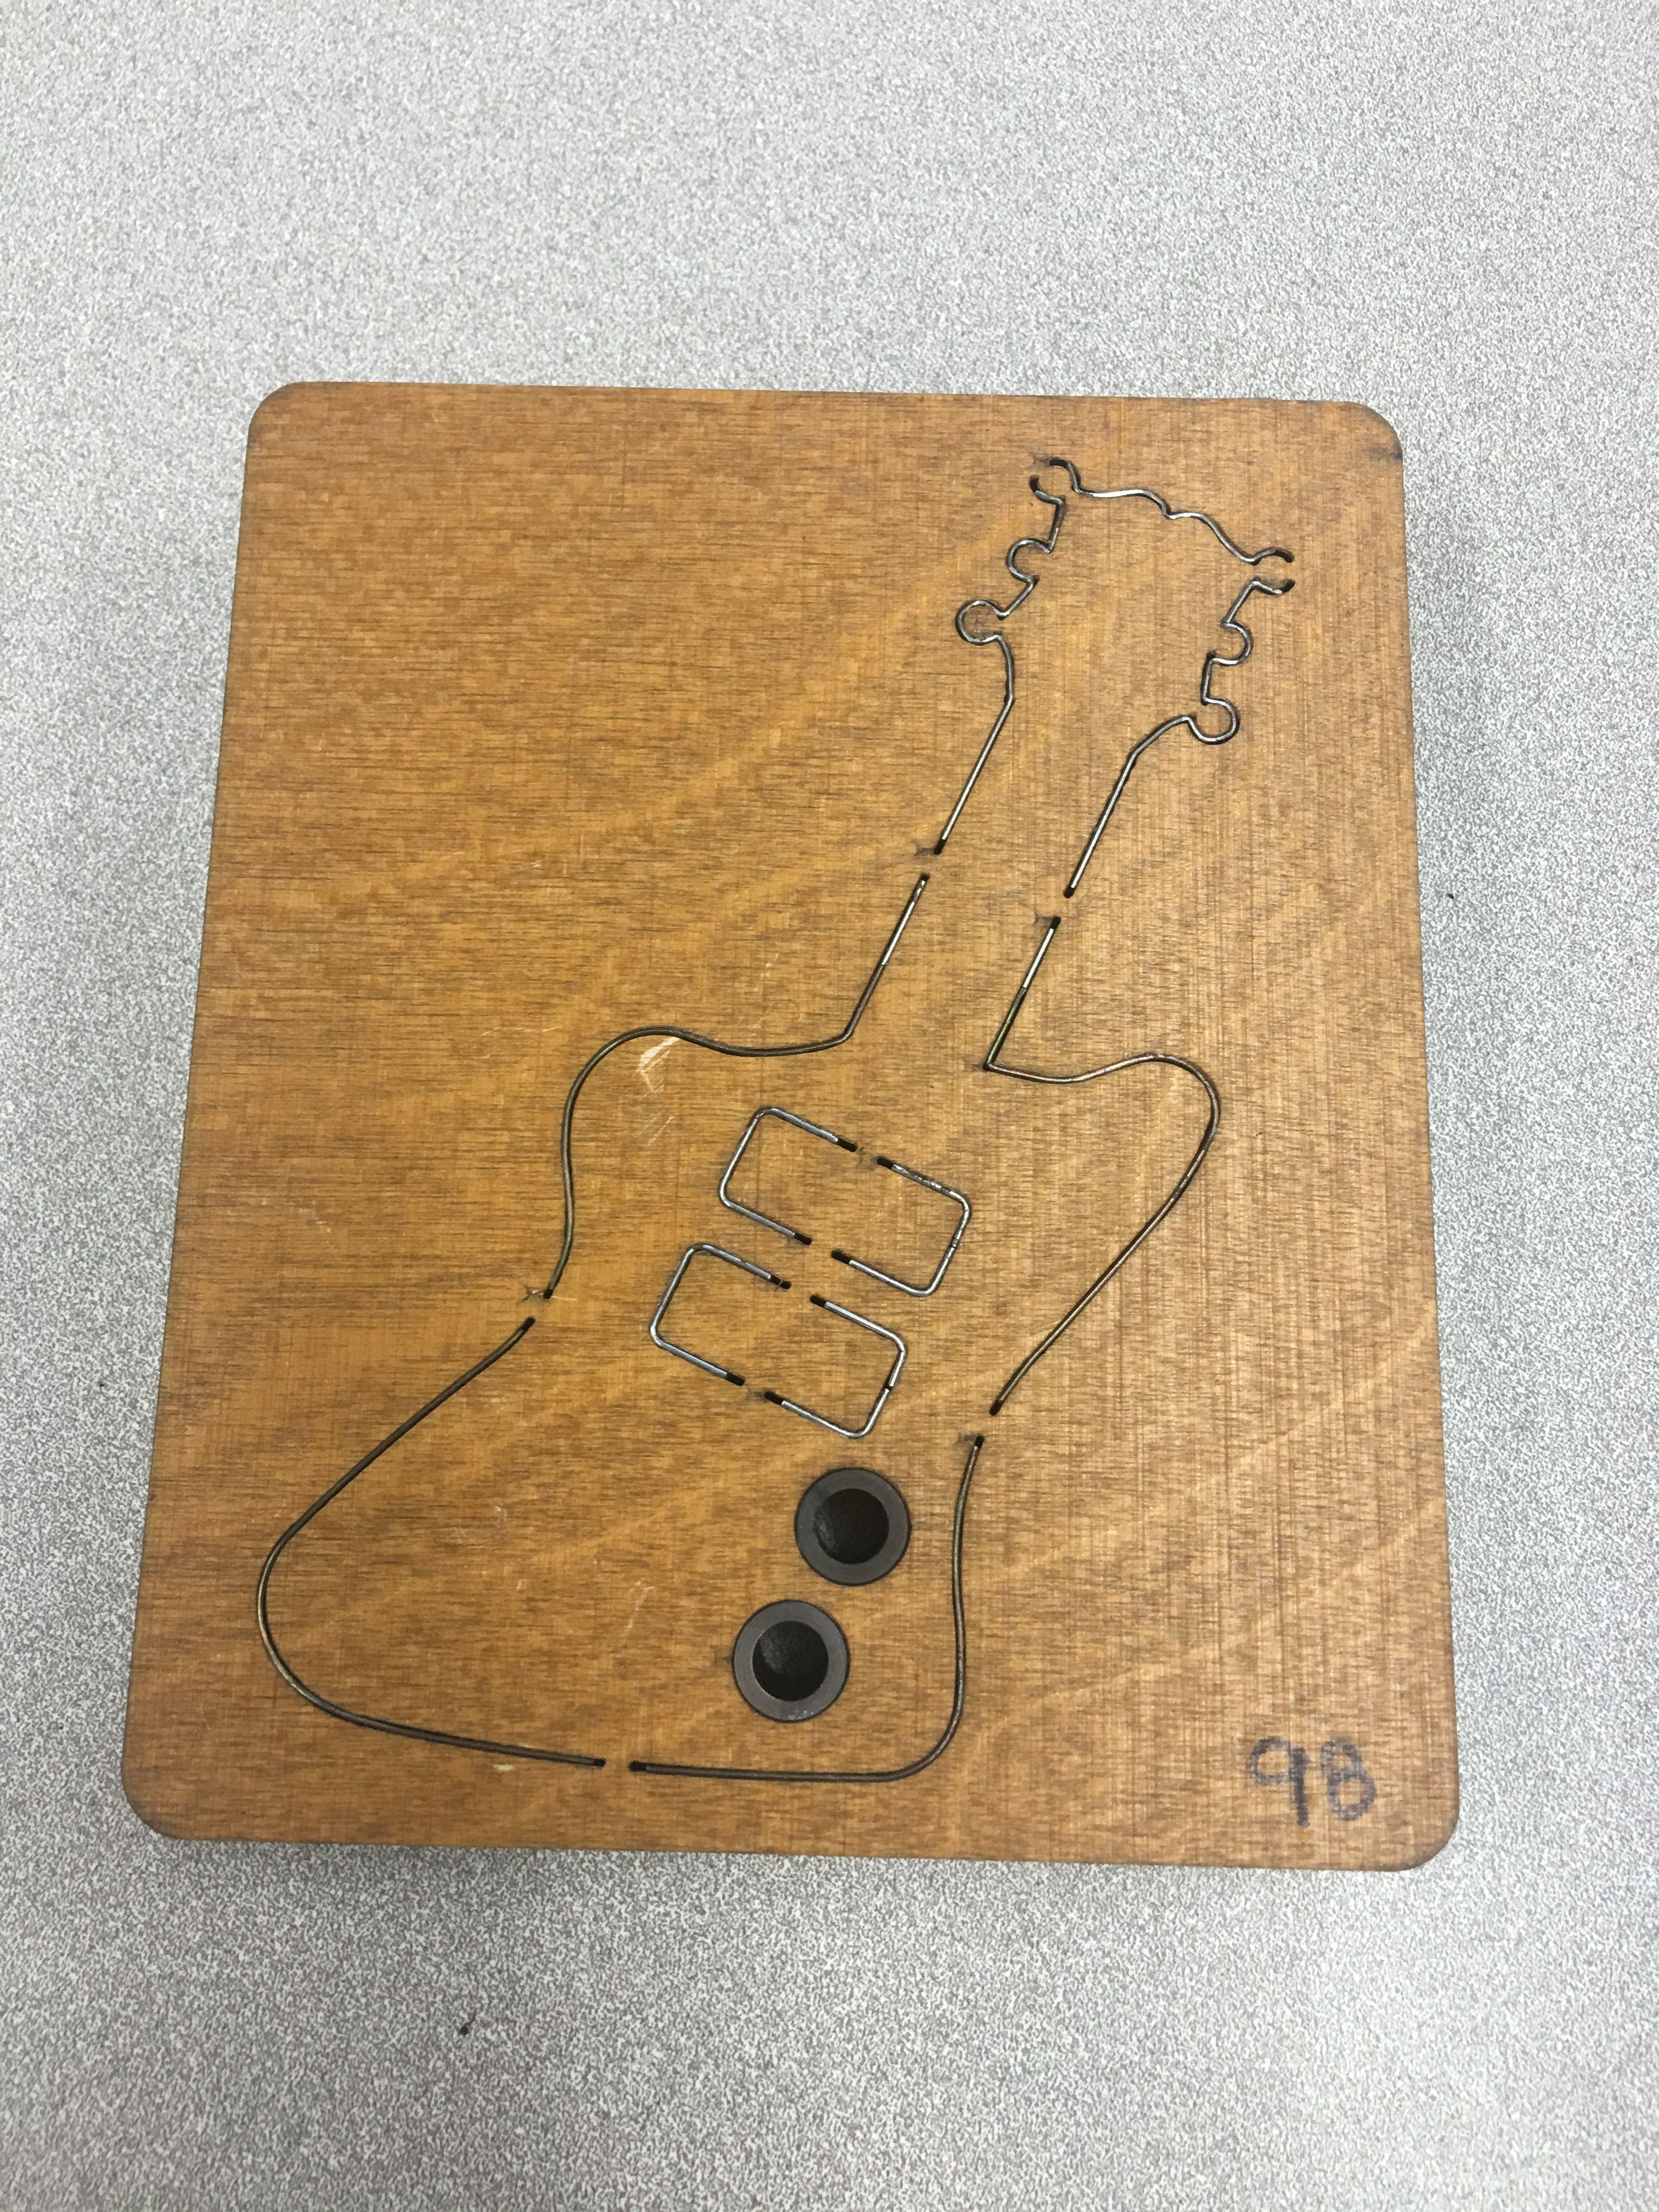 #98 Guitar